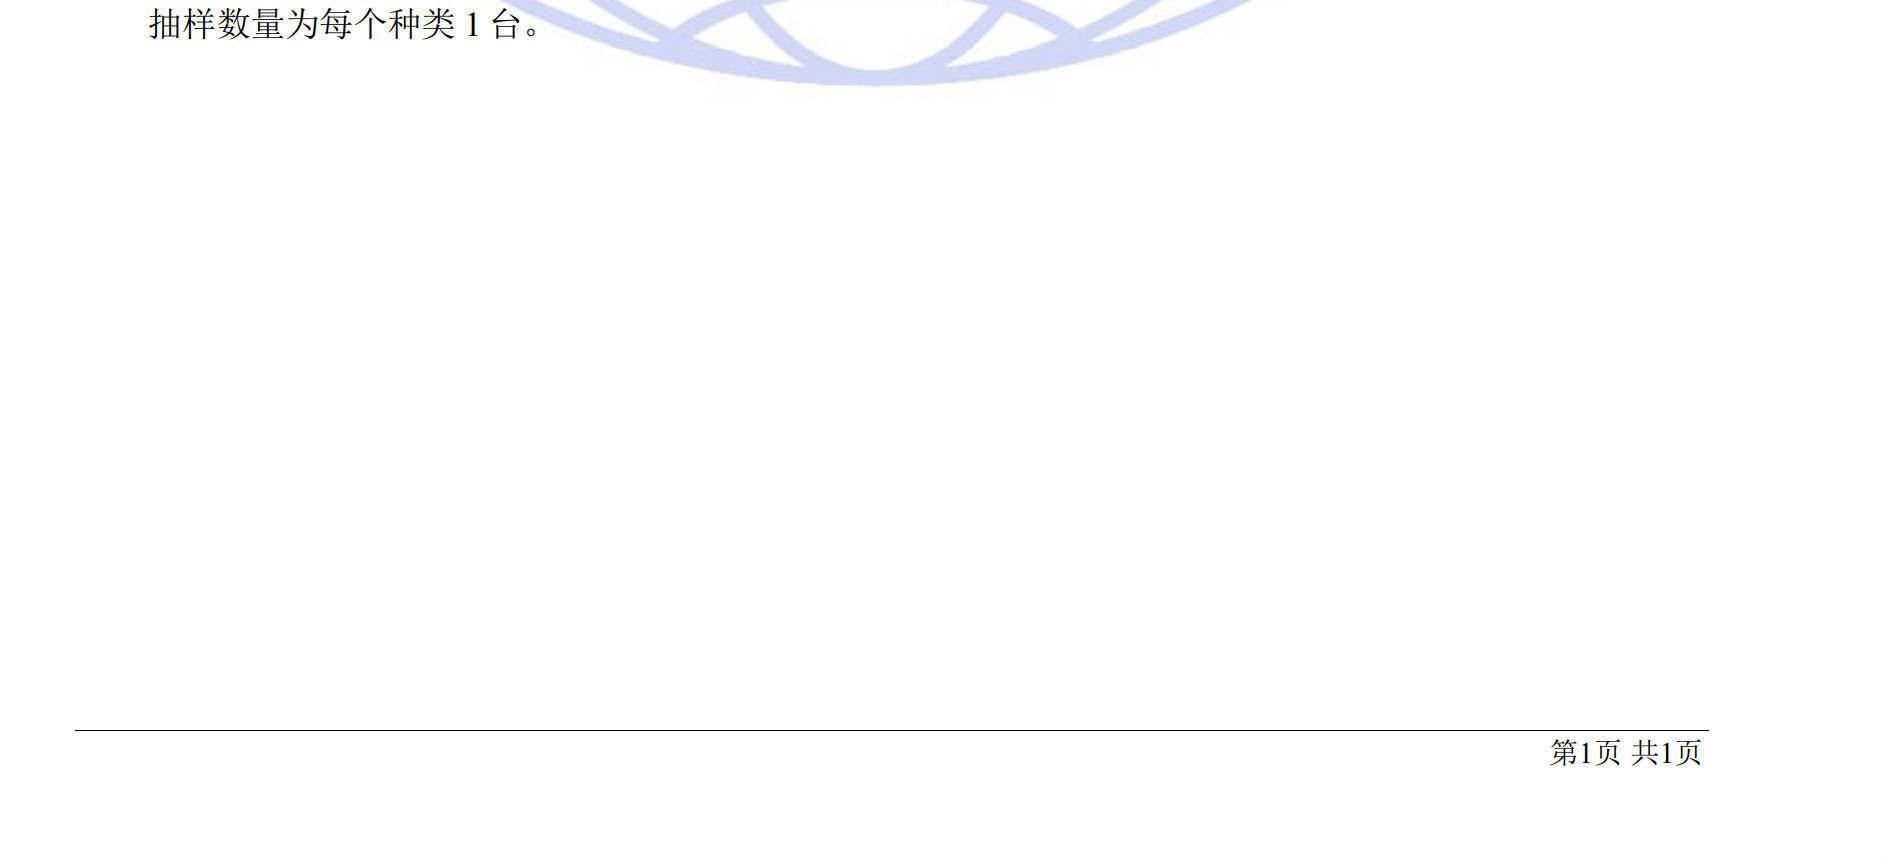 四川消 毒柜CQC标 准3